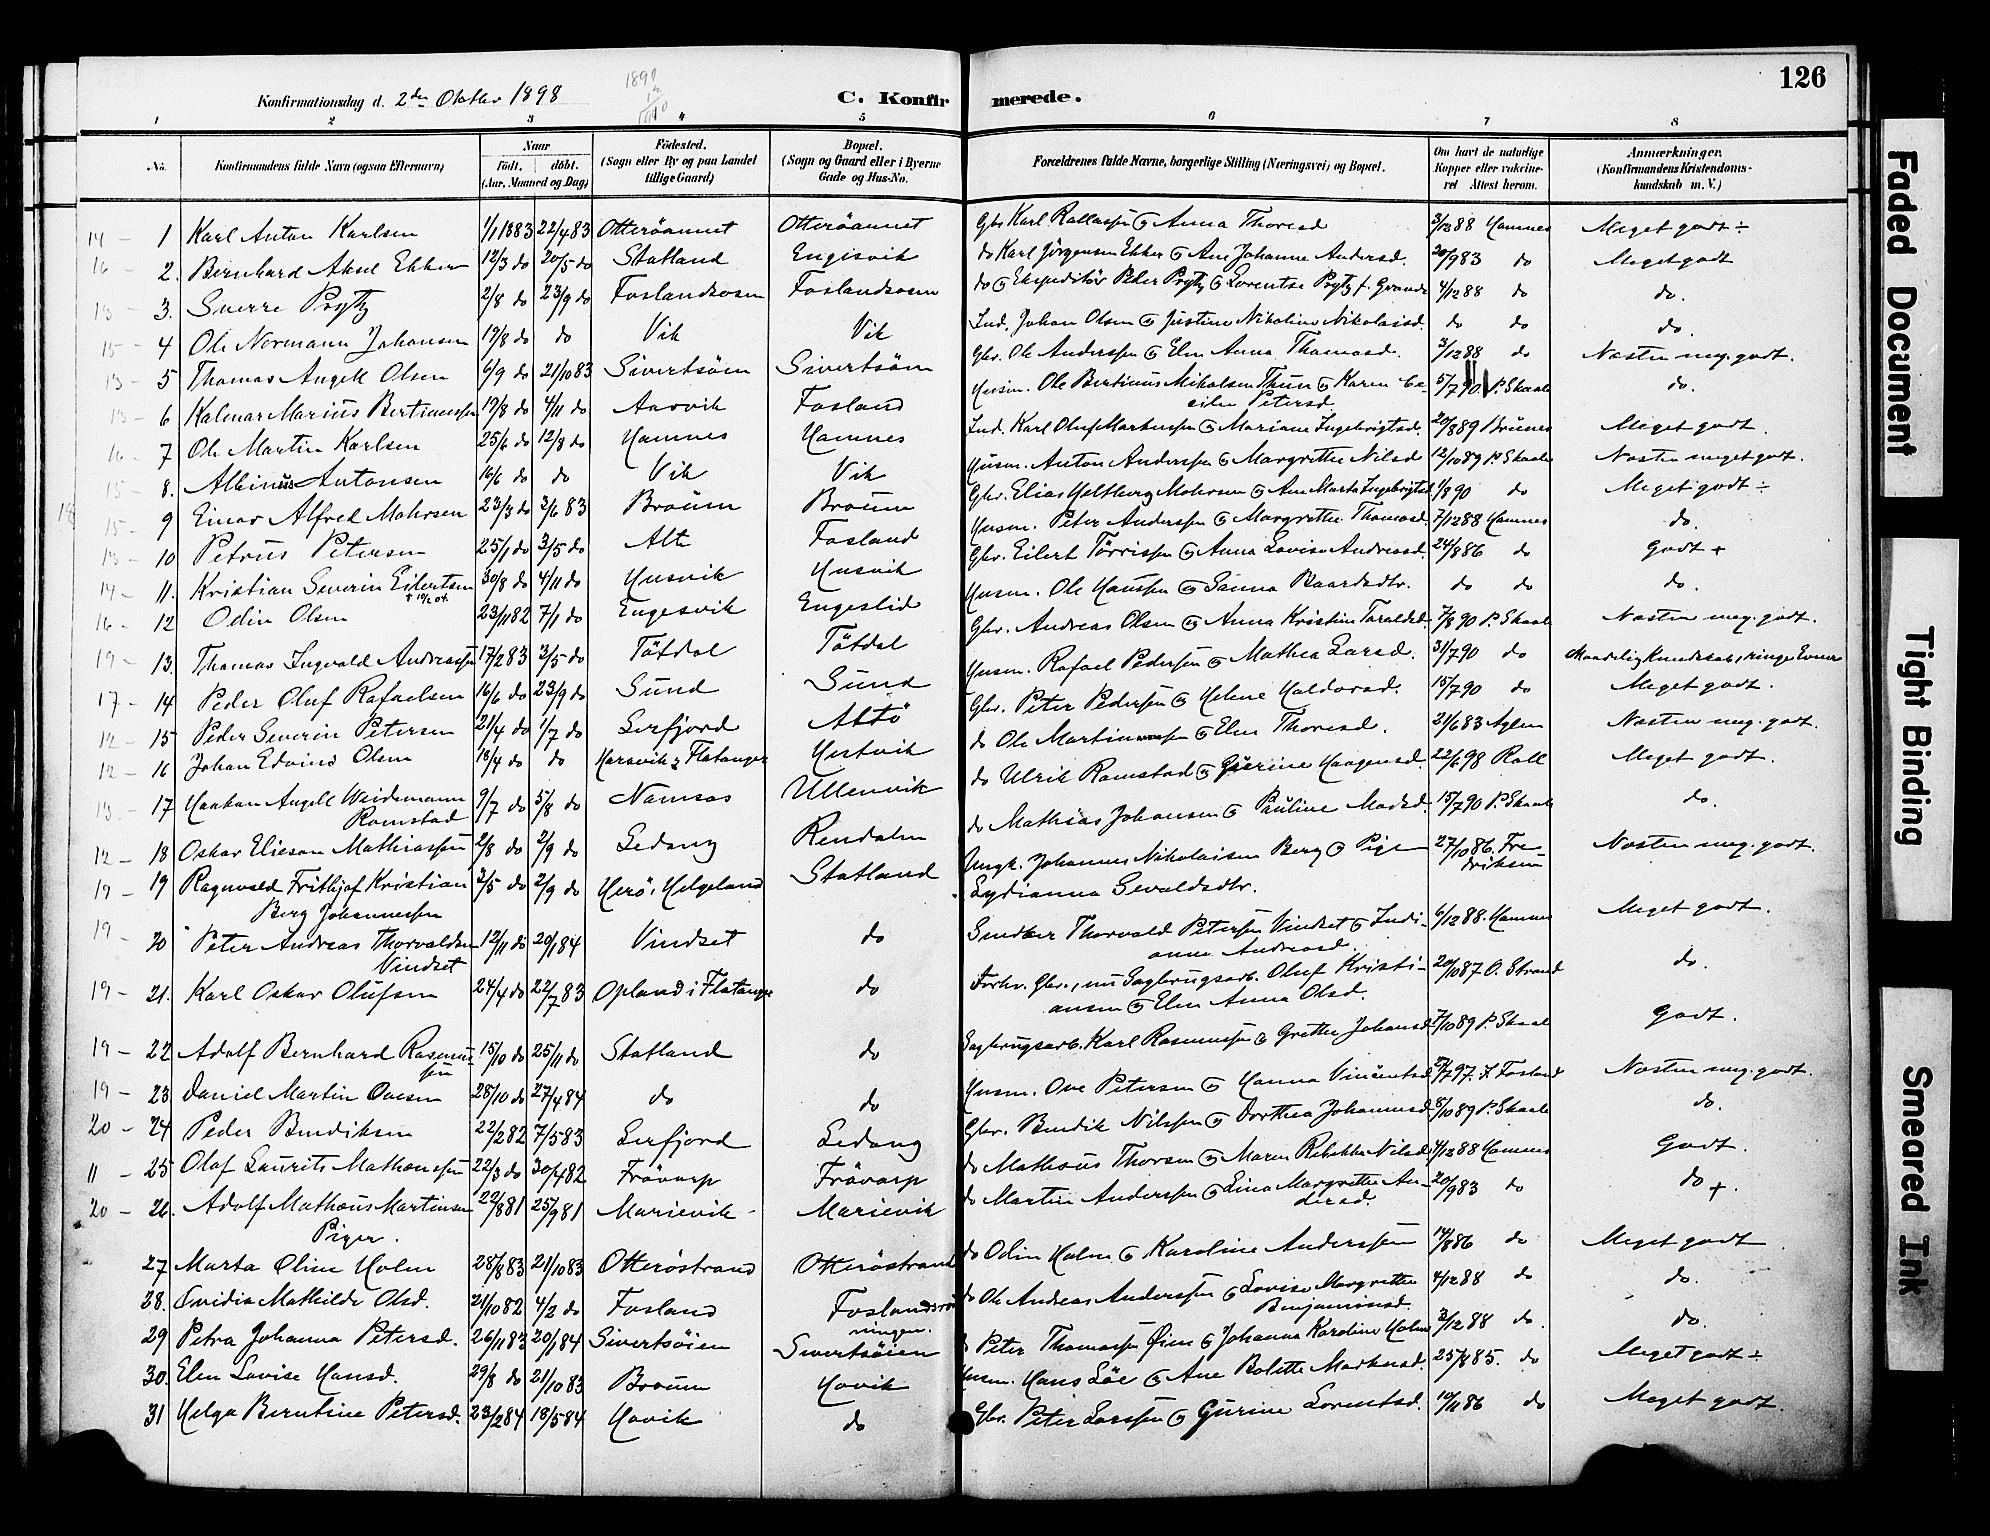 SAT, Ministerialprotokoller, klokkerbøker og fødselsregistre - Nord-Trøndelag, 774/L0628: Ministerialbok nr. 774A02, 1887-1903, s. 126